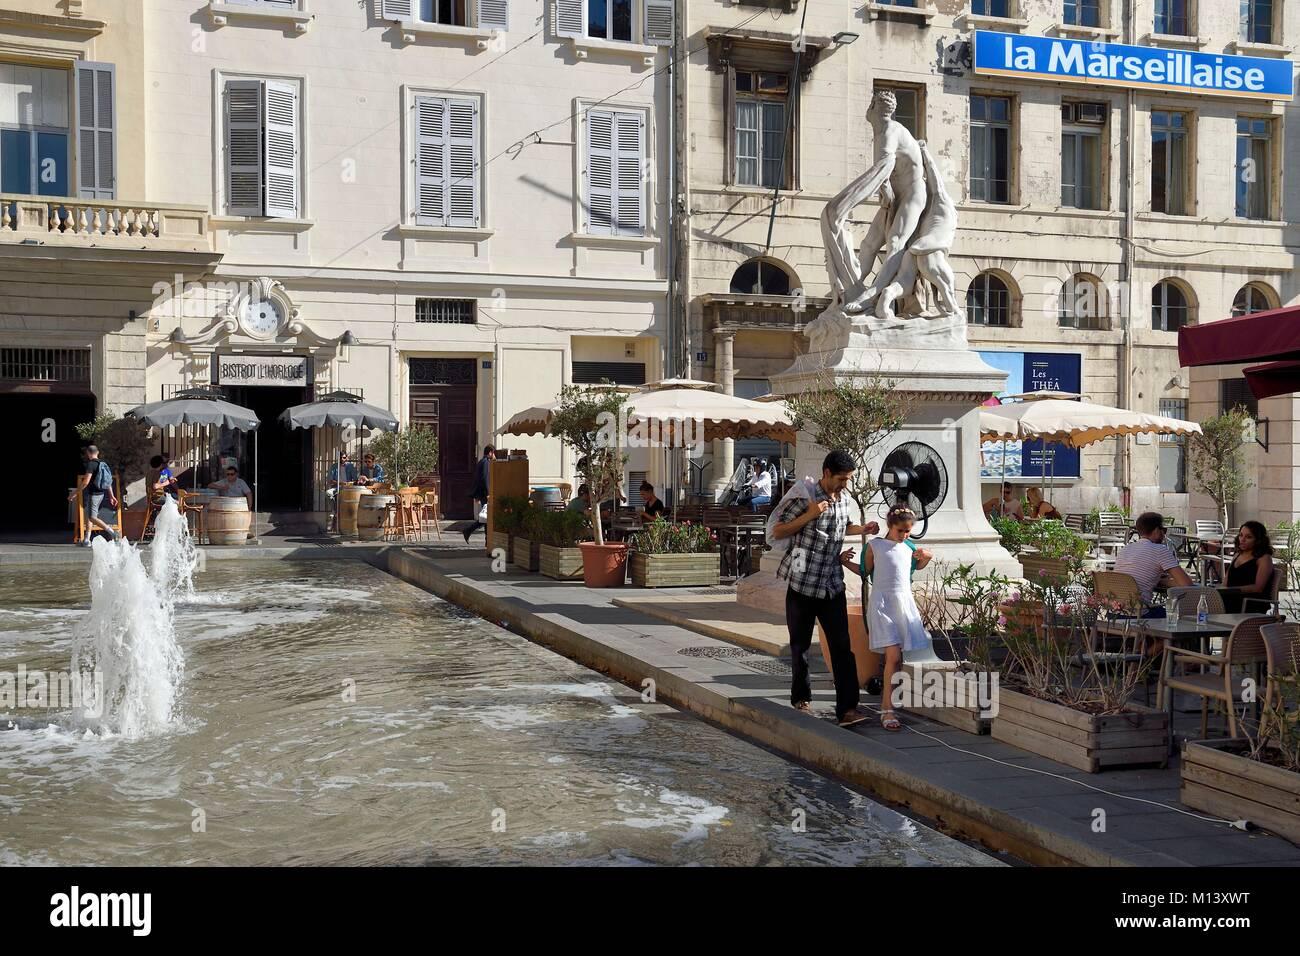 France, Bouches du Rhône, Marseille, le Cours Estienne d'Orves, bassin et le siège du journal La Marseillaise Photo Stock